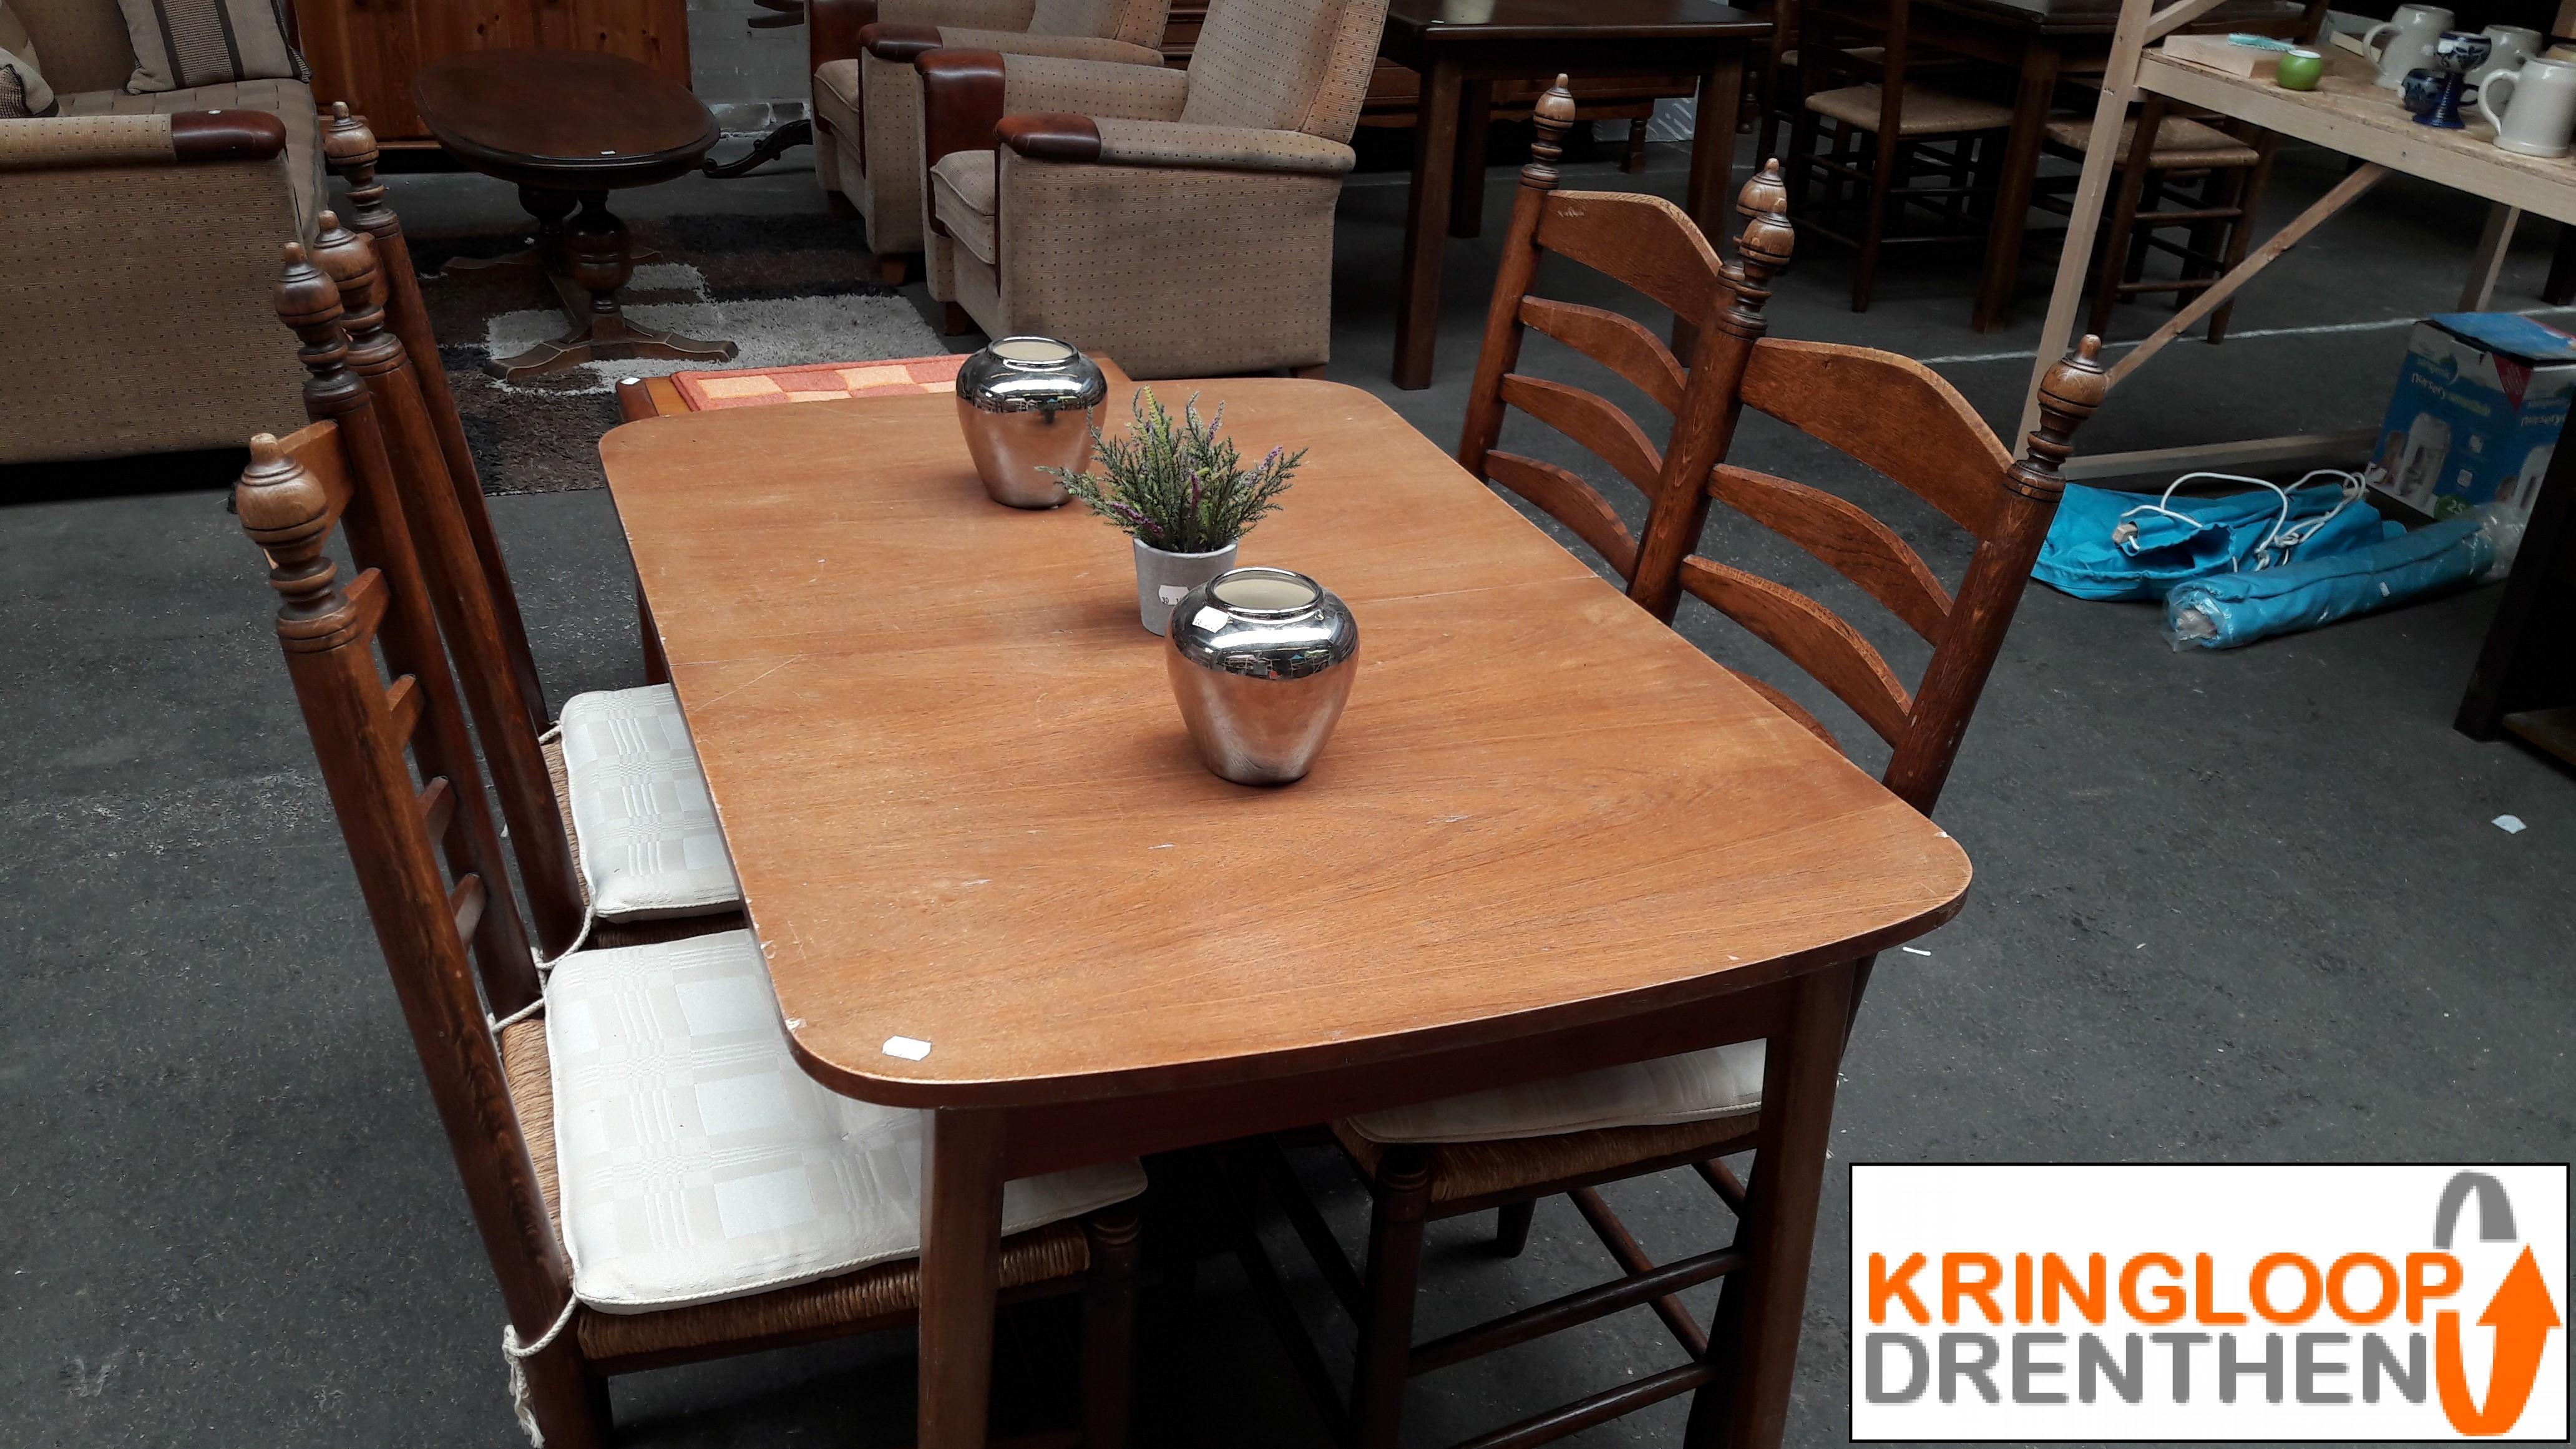 Te Koop Eettafel Stoelen.Te Koop Uitschuifbare Eettafel Met 4 Stoelen Kringloop